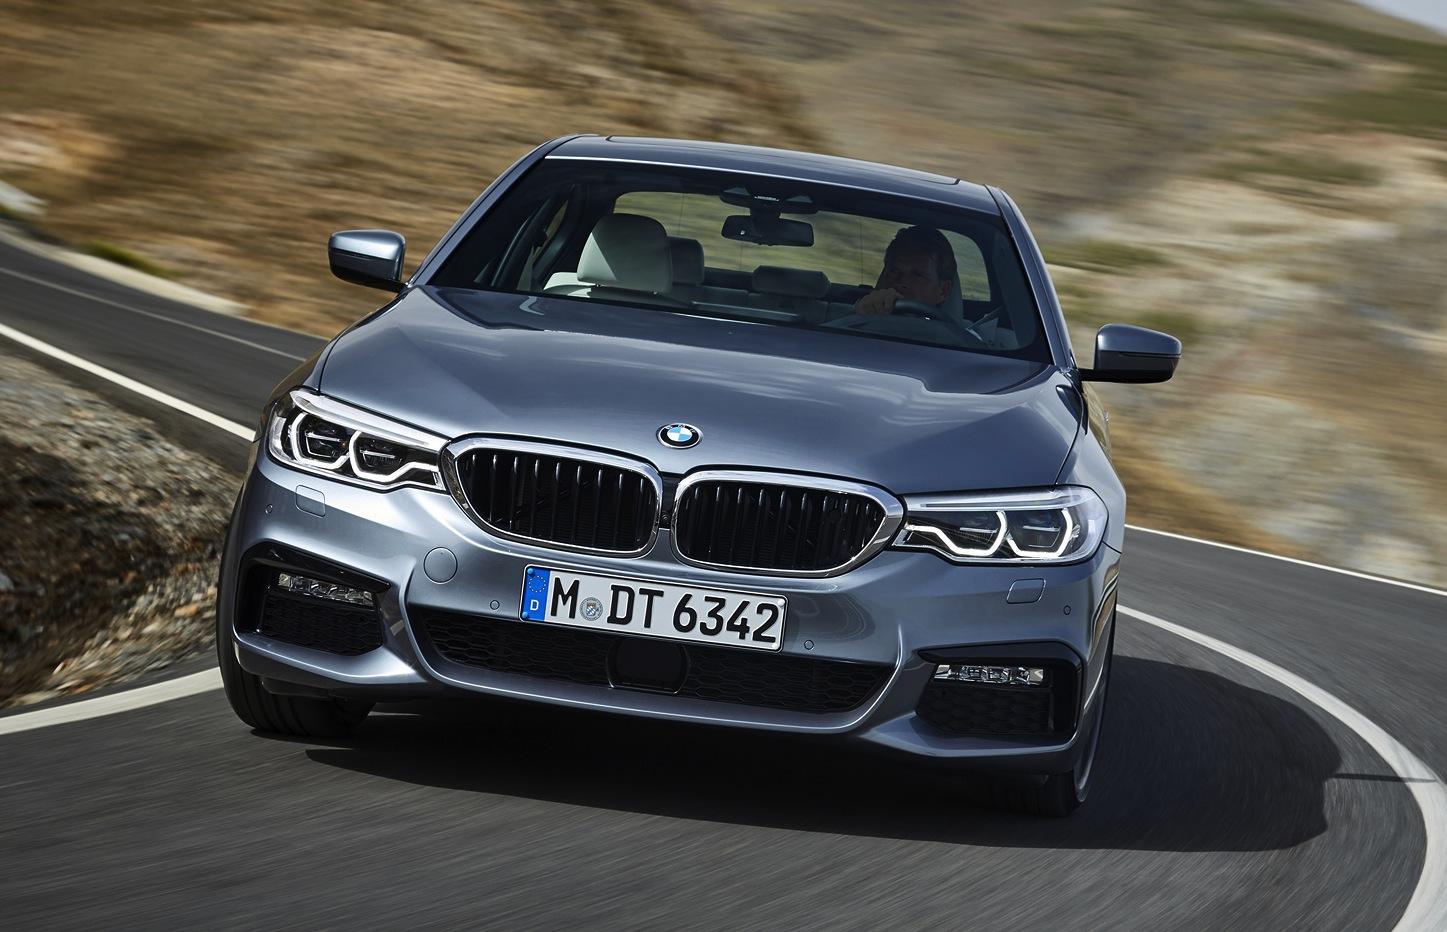 La berlina bavarese, giunta alla settima edizione, si rinnova e migliora sensibilmente nell'aspetto della guida e sicurezza. - News Automotive